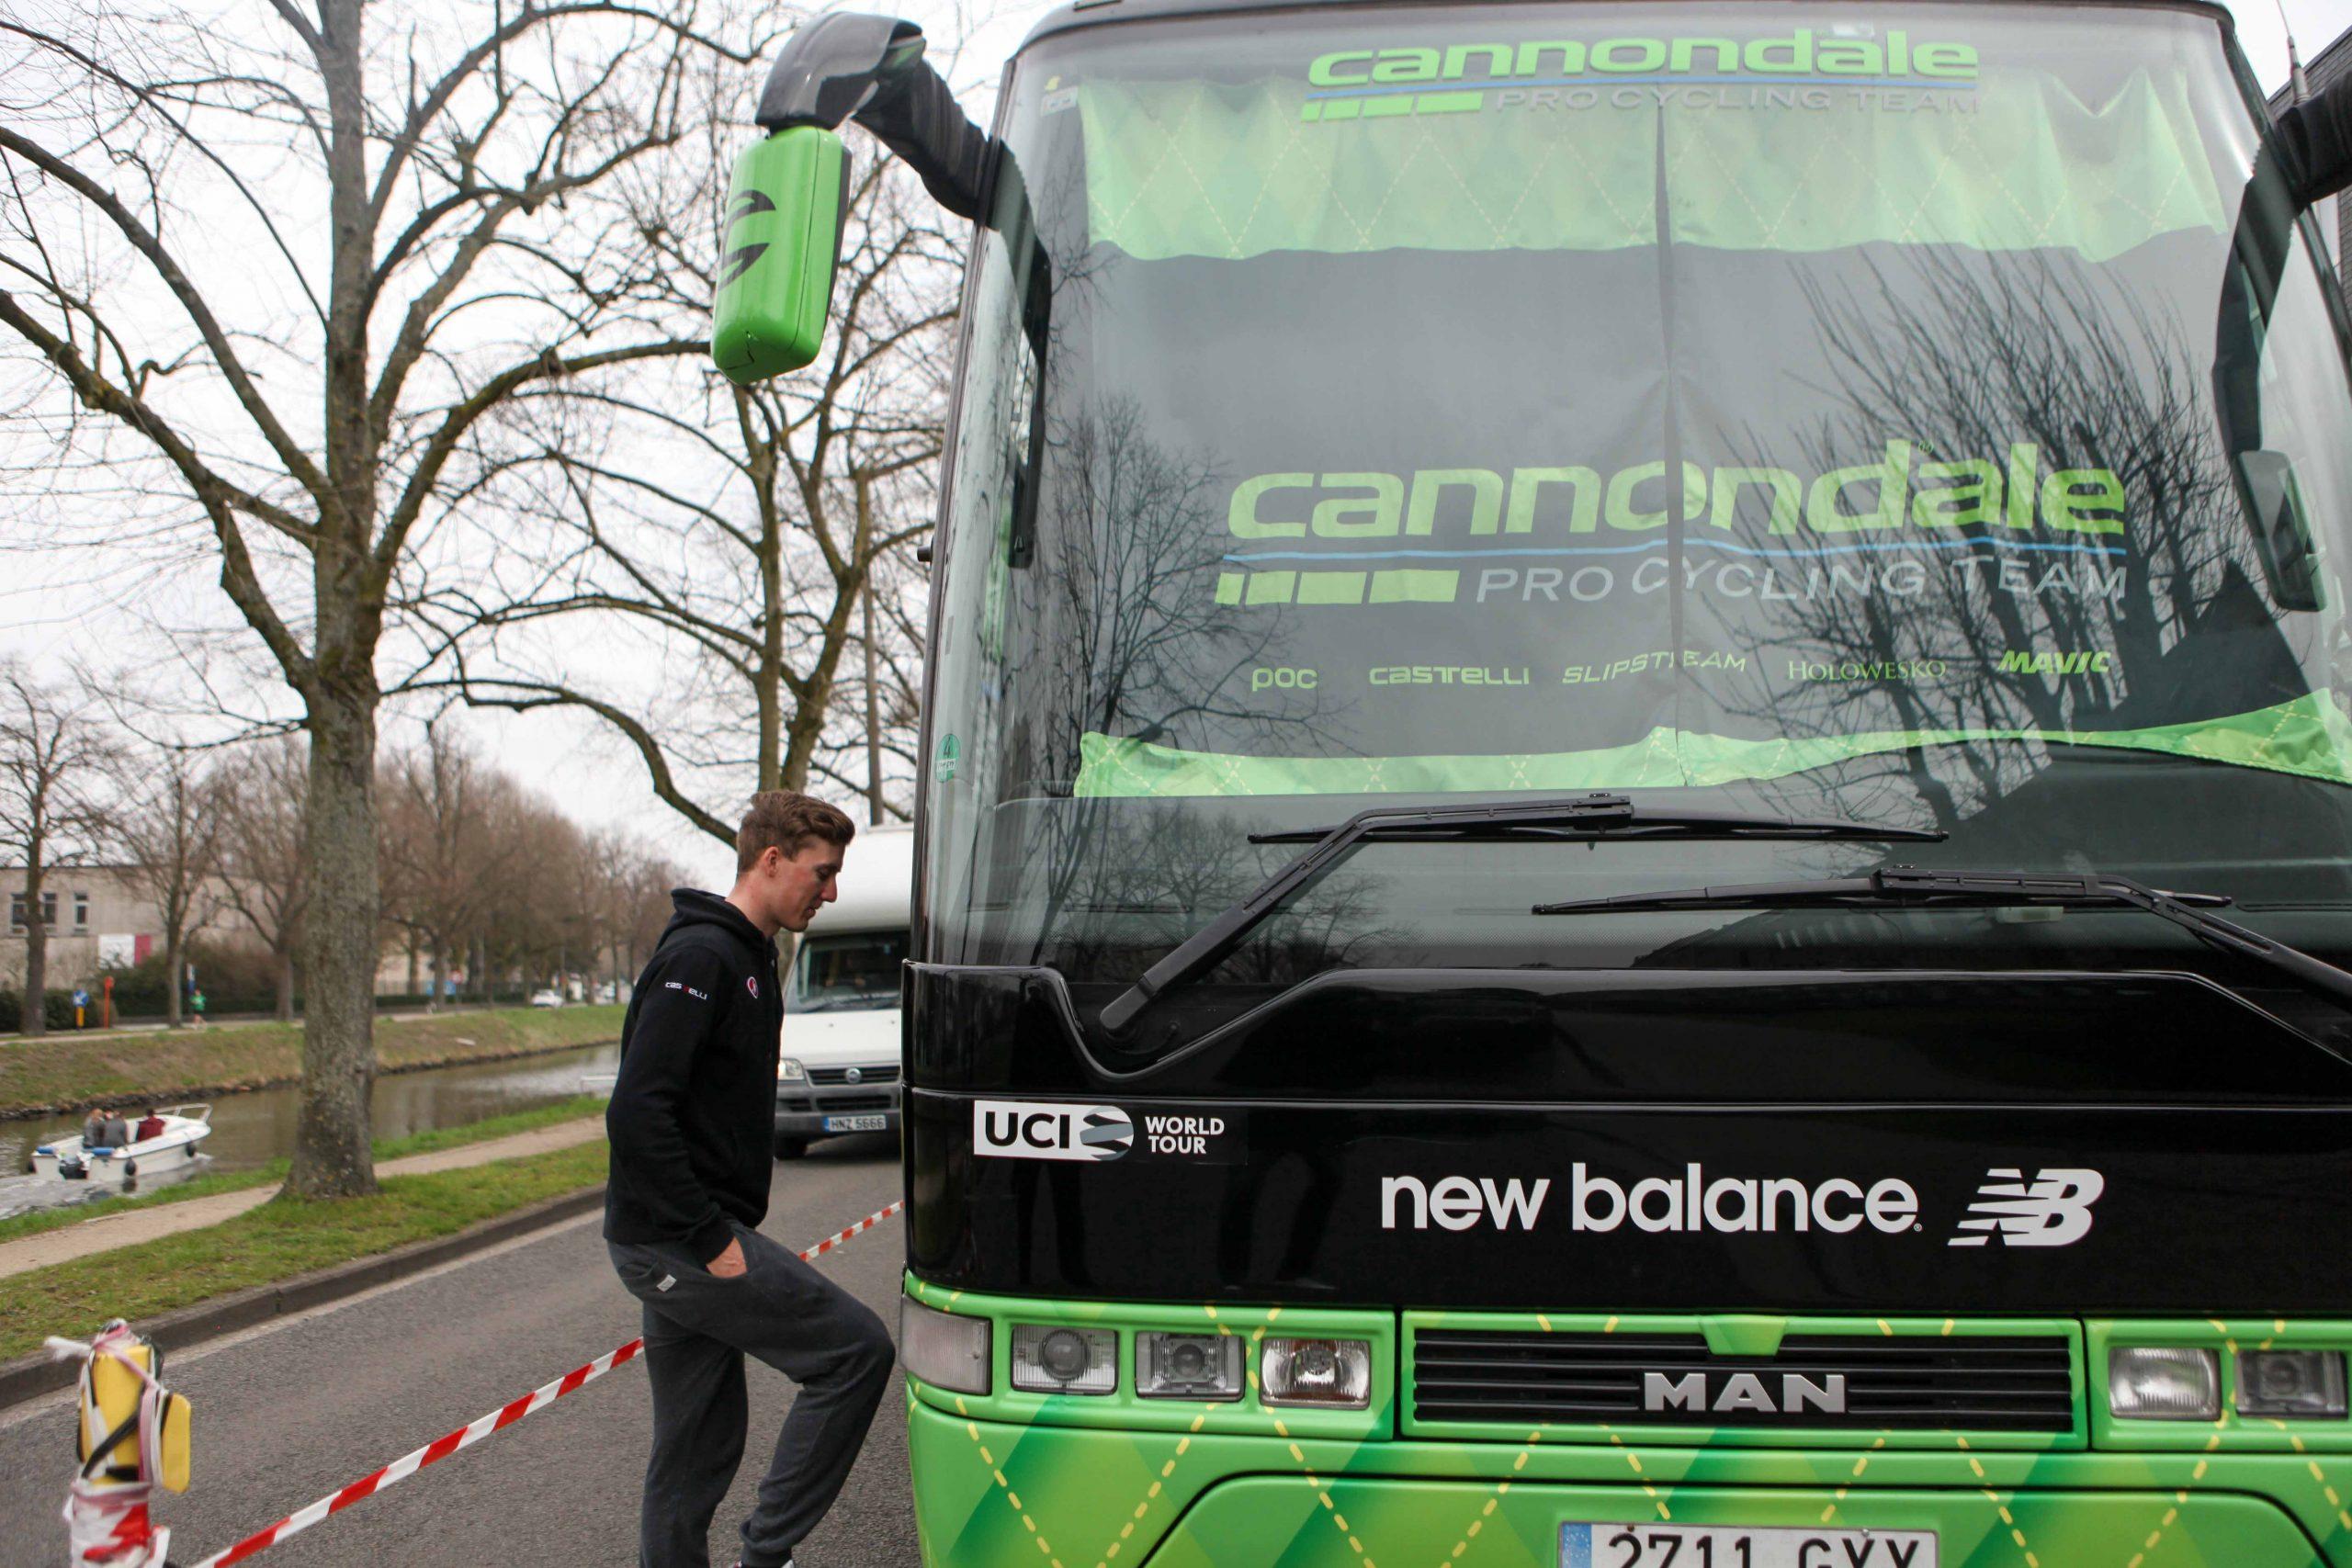 Bli med inn i bussen til Cannondale